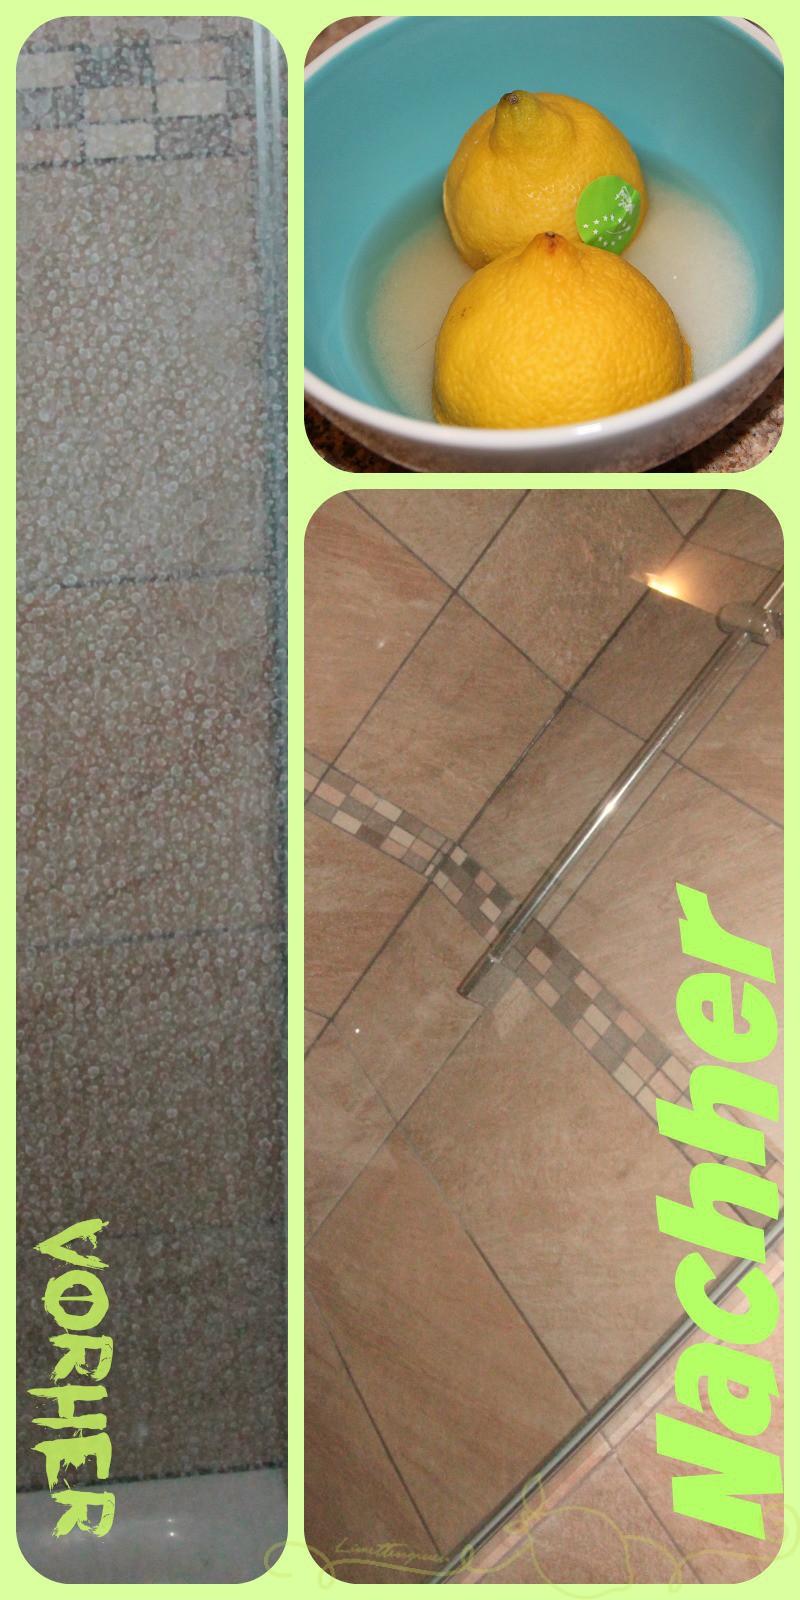 Putztipp Duschwand ruck zuck sauber   Limettengrün